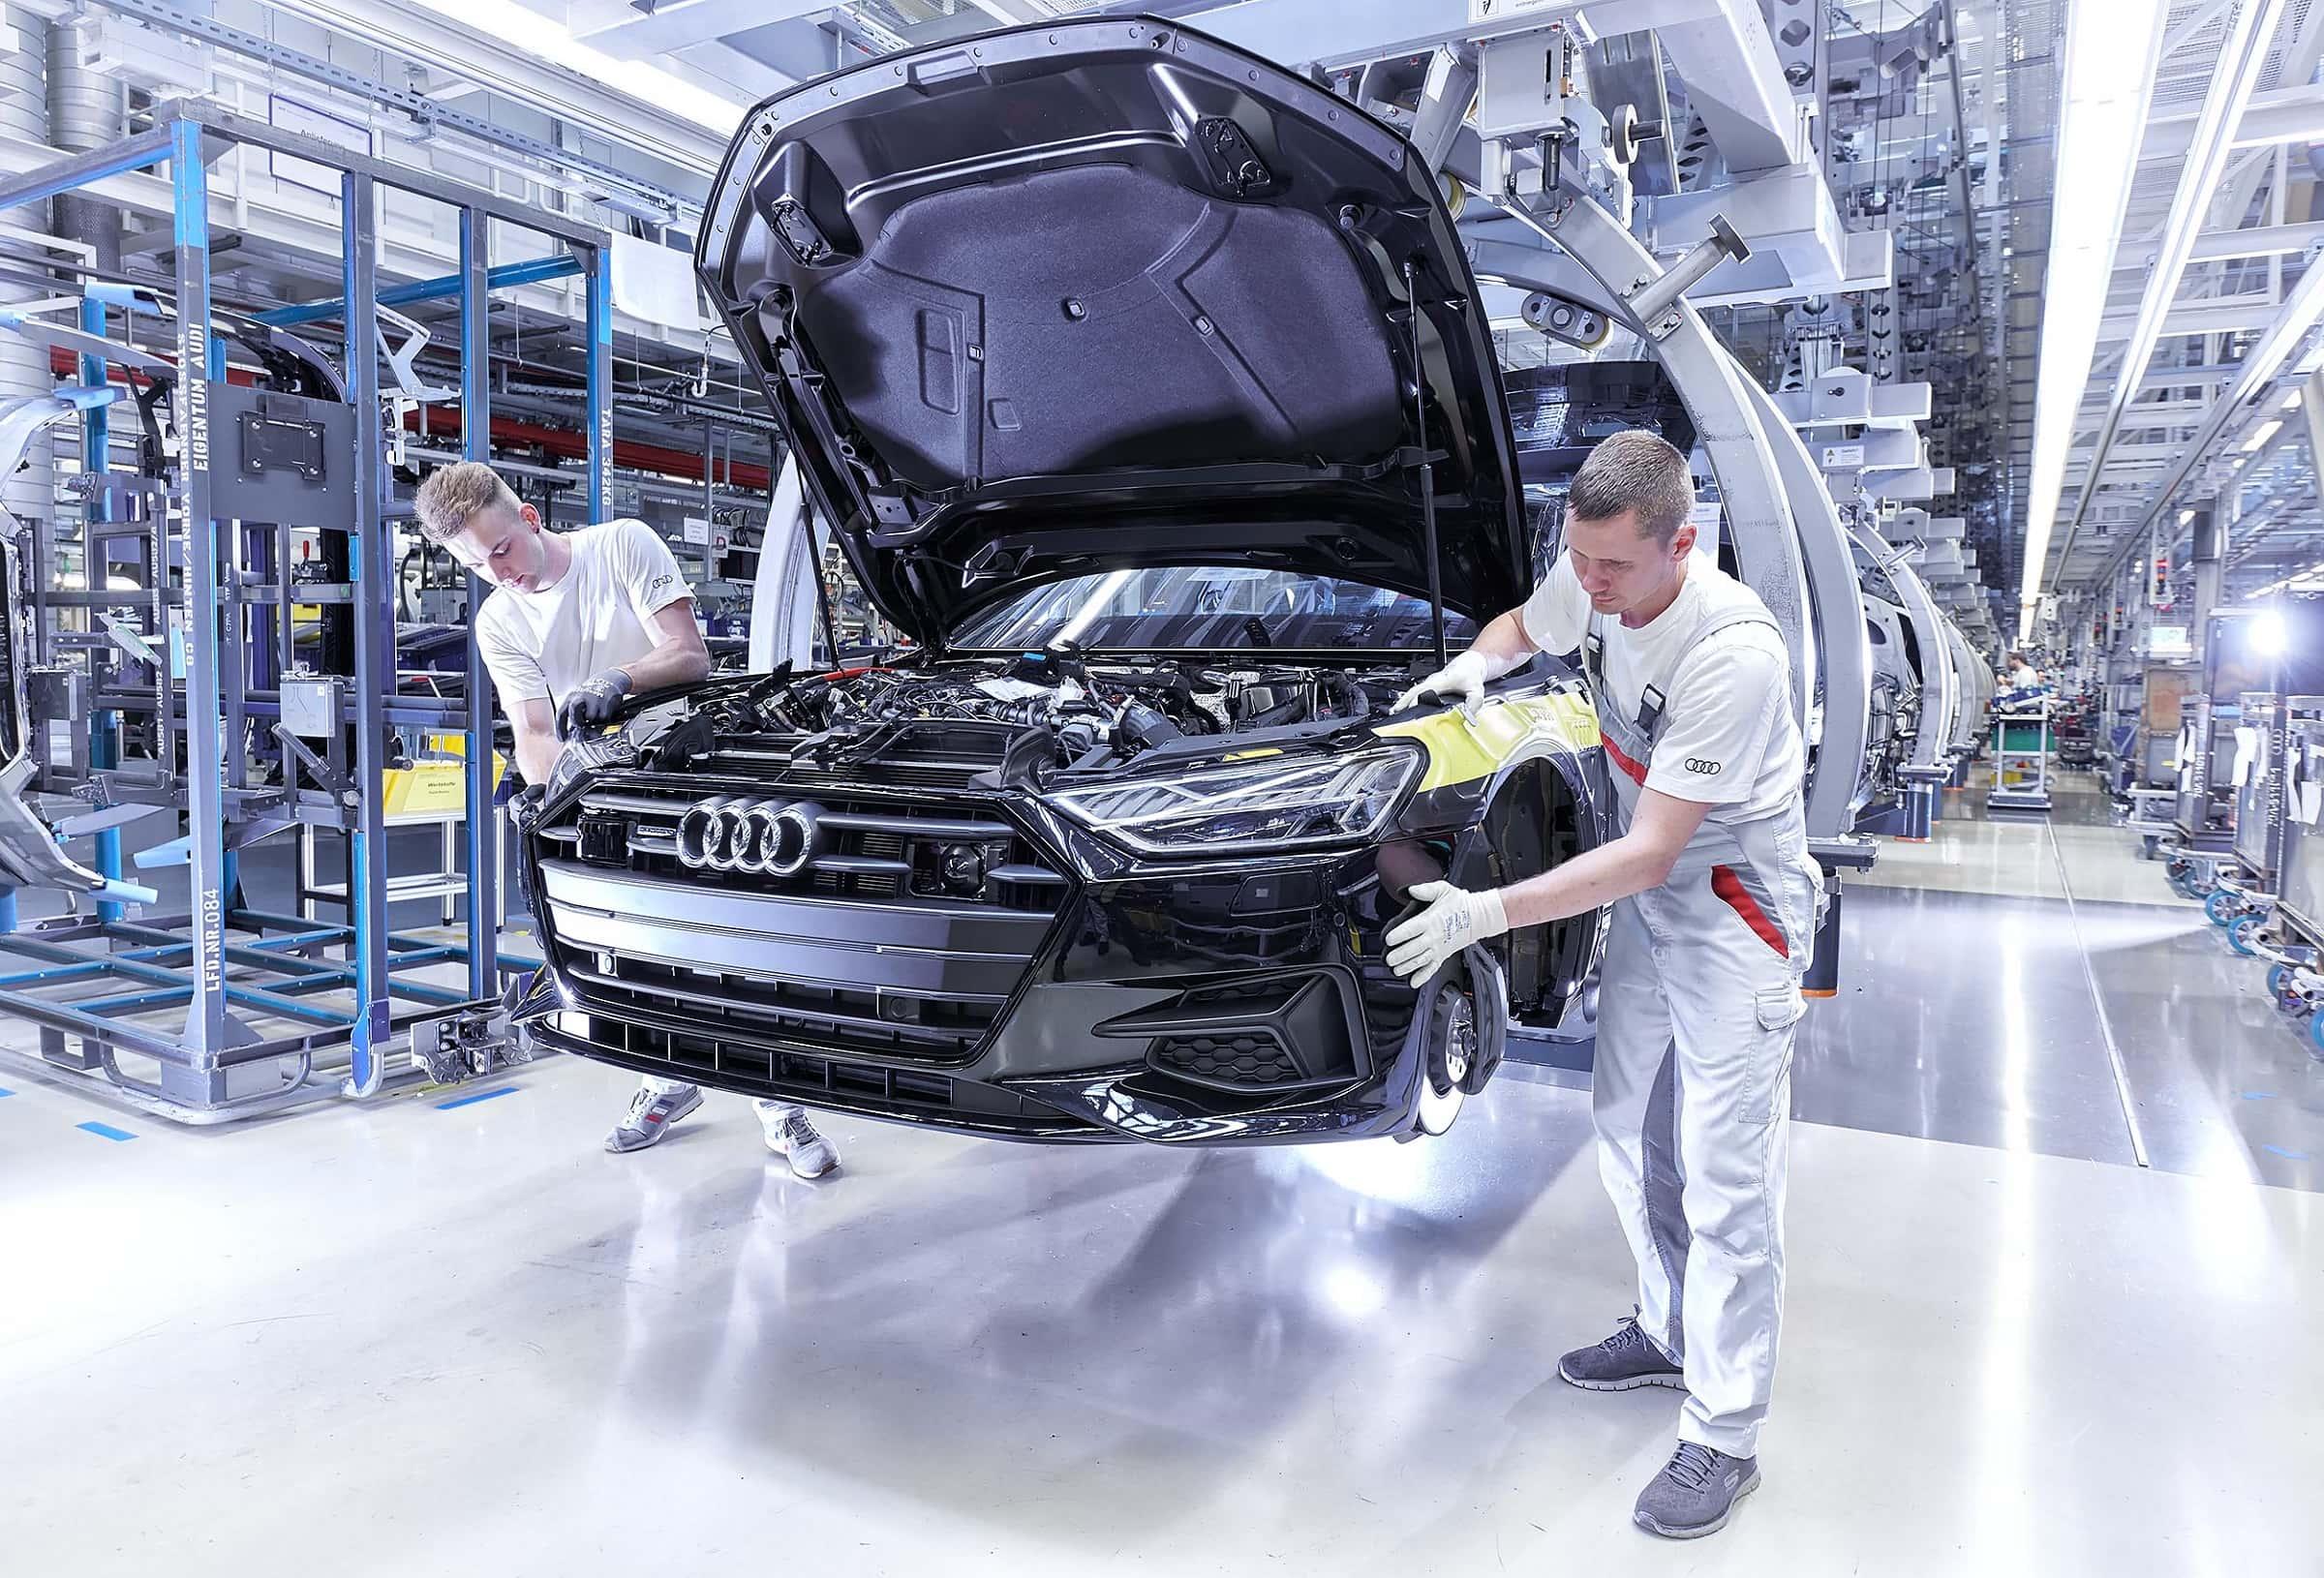 Κατασκευή Audi RS - Ειδικά εργαστήρια όπου τα πρώτα αυτοκίνητα συναρμολογούνται με το χέρι